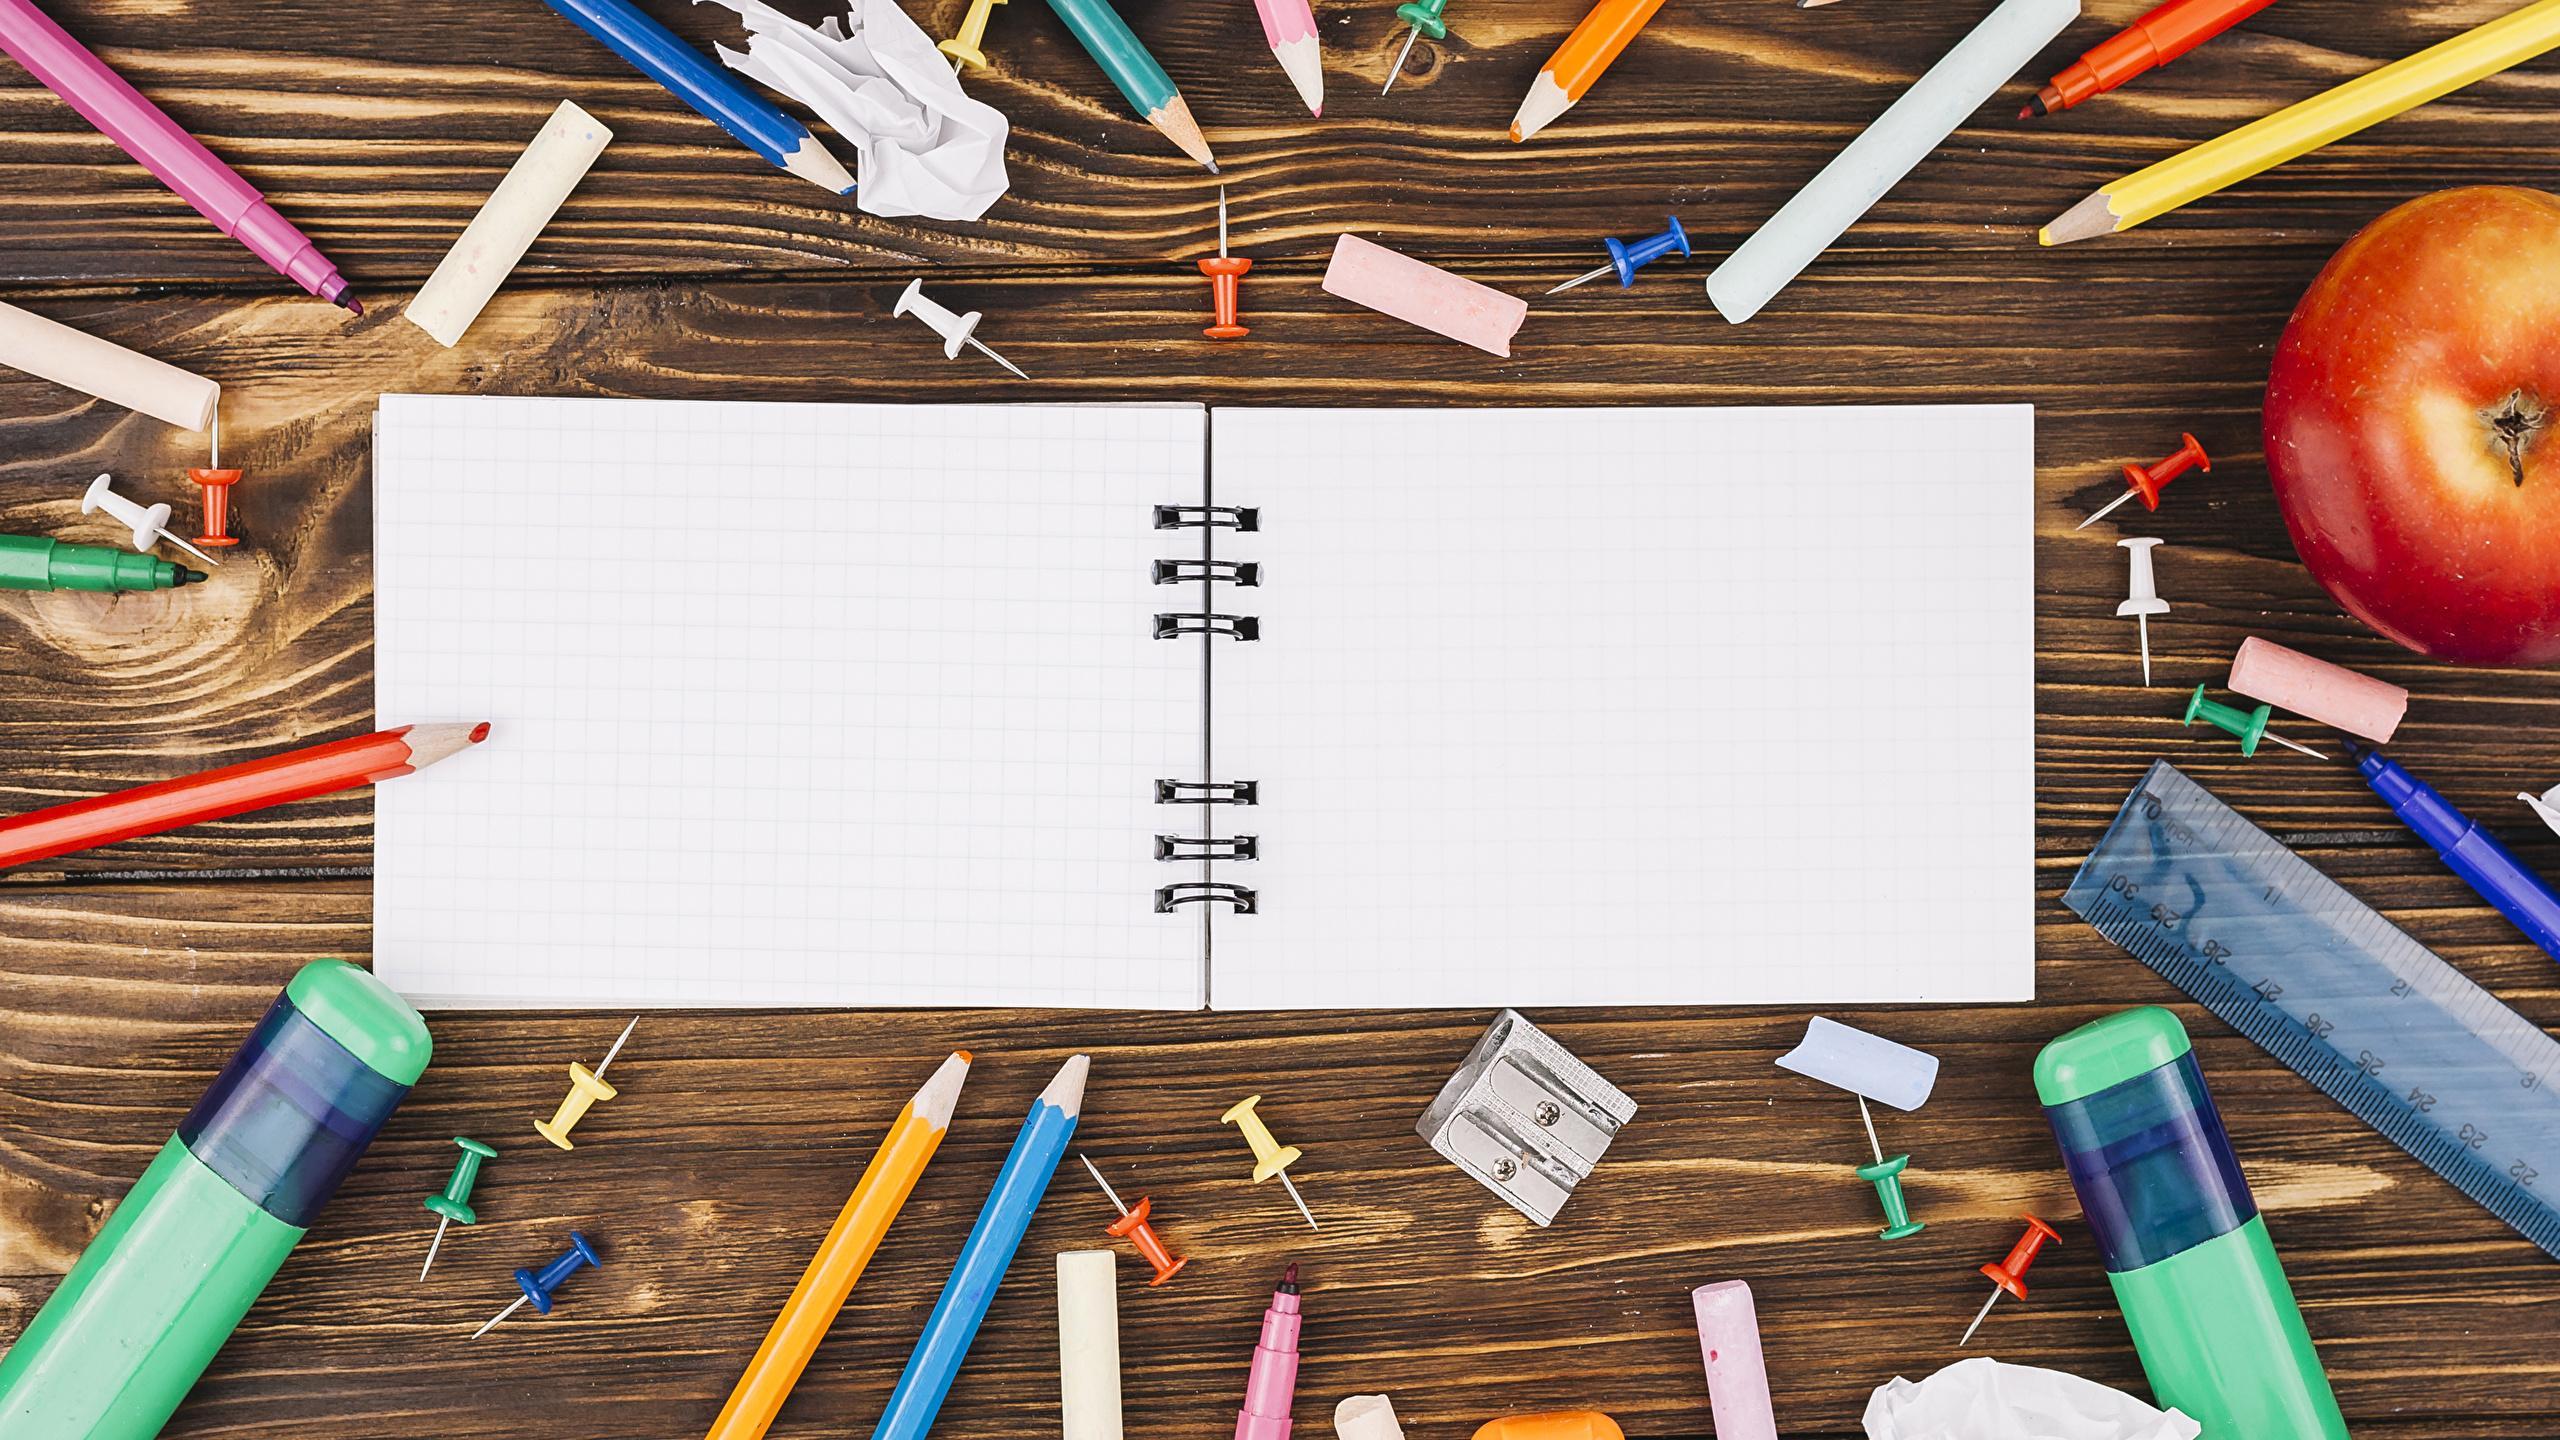 Фото Канцелярские товары школьные карандаш Тетрадь Доски 2560x1440 Школа Карандаши карандаша карандашей